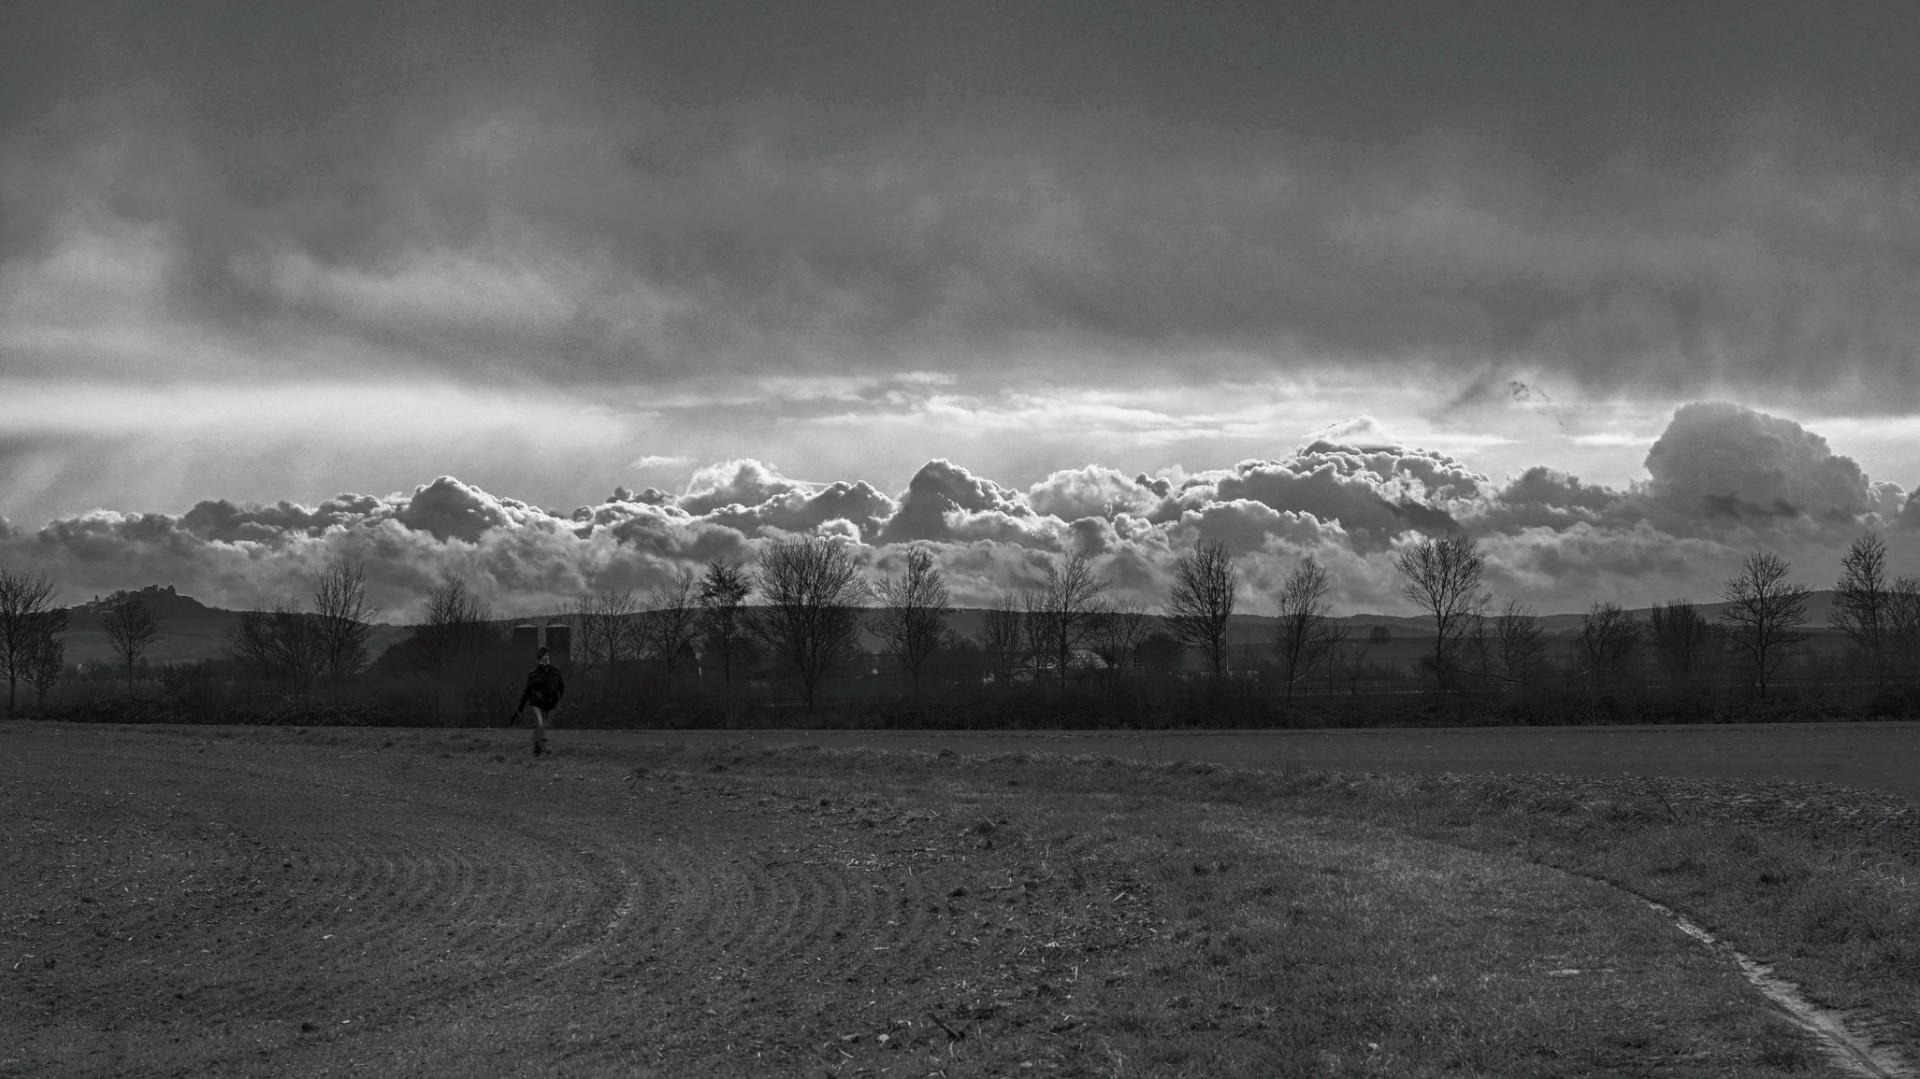 Babblfisch: Wolken, keine Berge